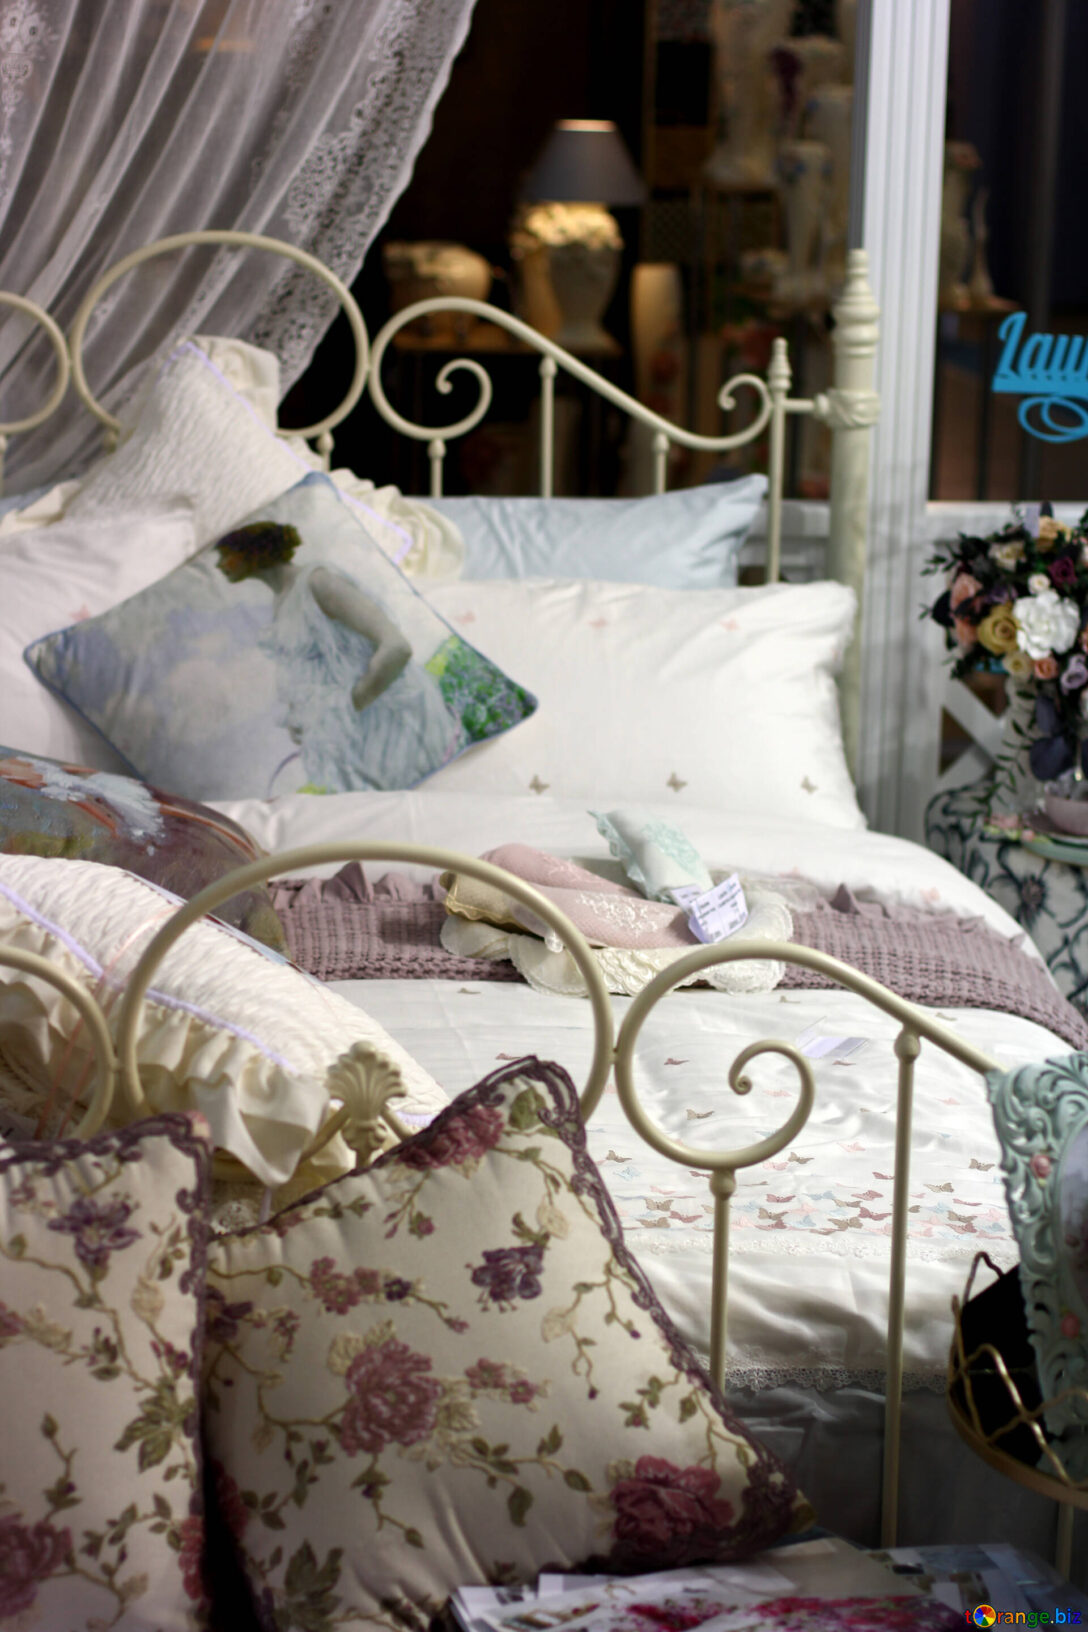 Large Size of Bett Fr Mdchen 39 S8 Fhrung Ikea Cama 180x200 Boxspring Hohes Kopfteil Mit Schubladen 160x200 Bettkasten Schlicht Weiß 100x200 120x200 Steens Oschmann Betten Wohnzimmer Mädchen Bett